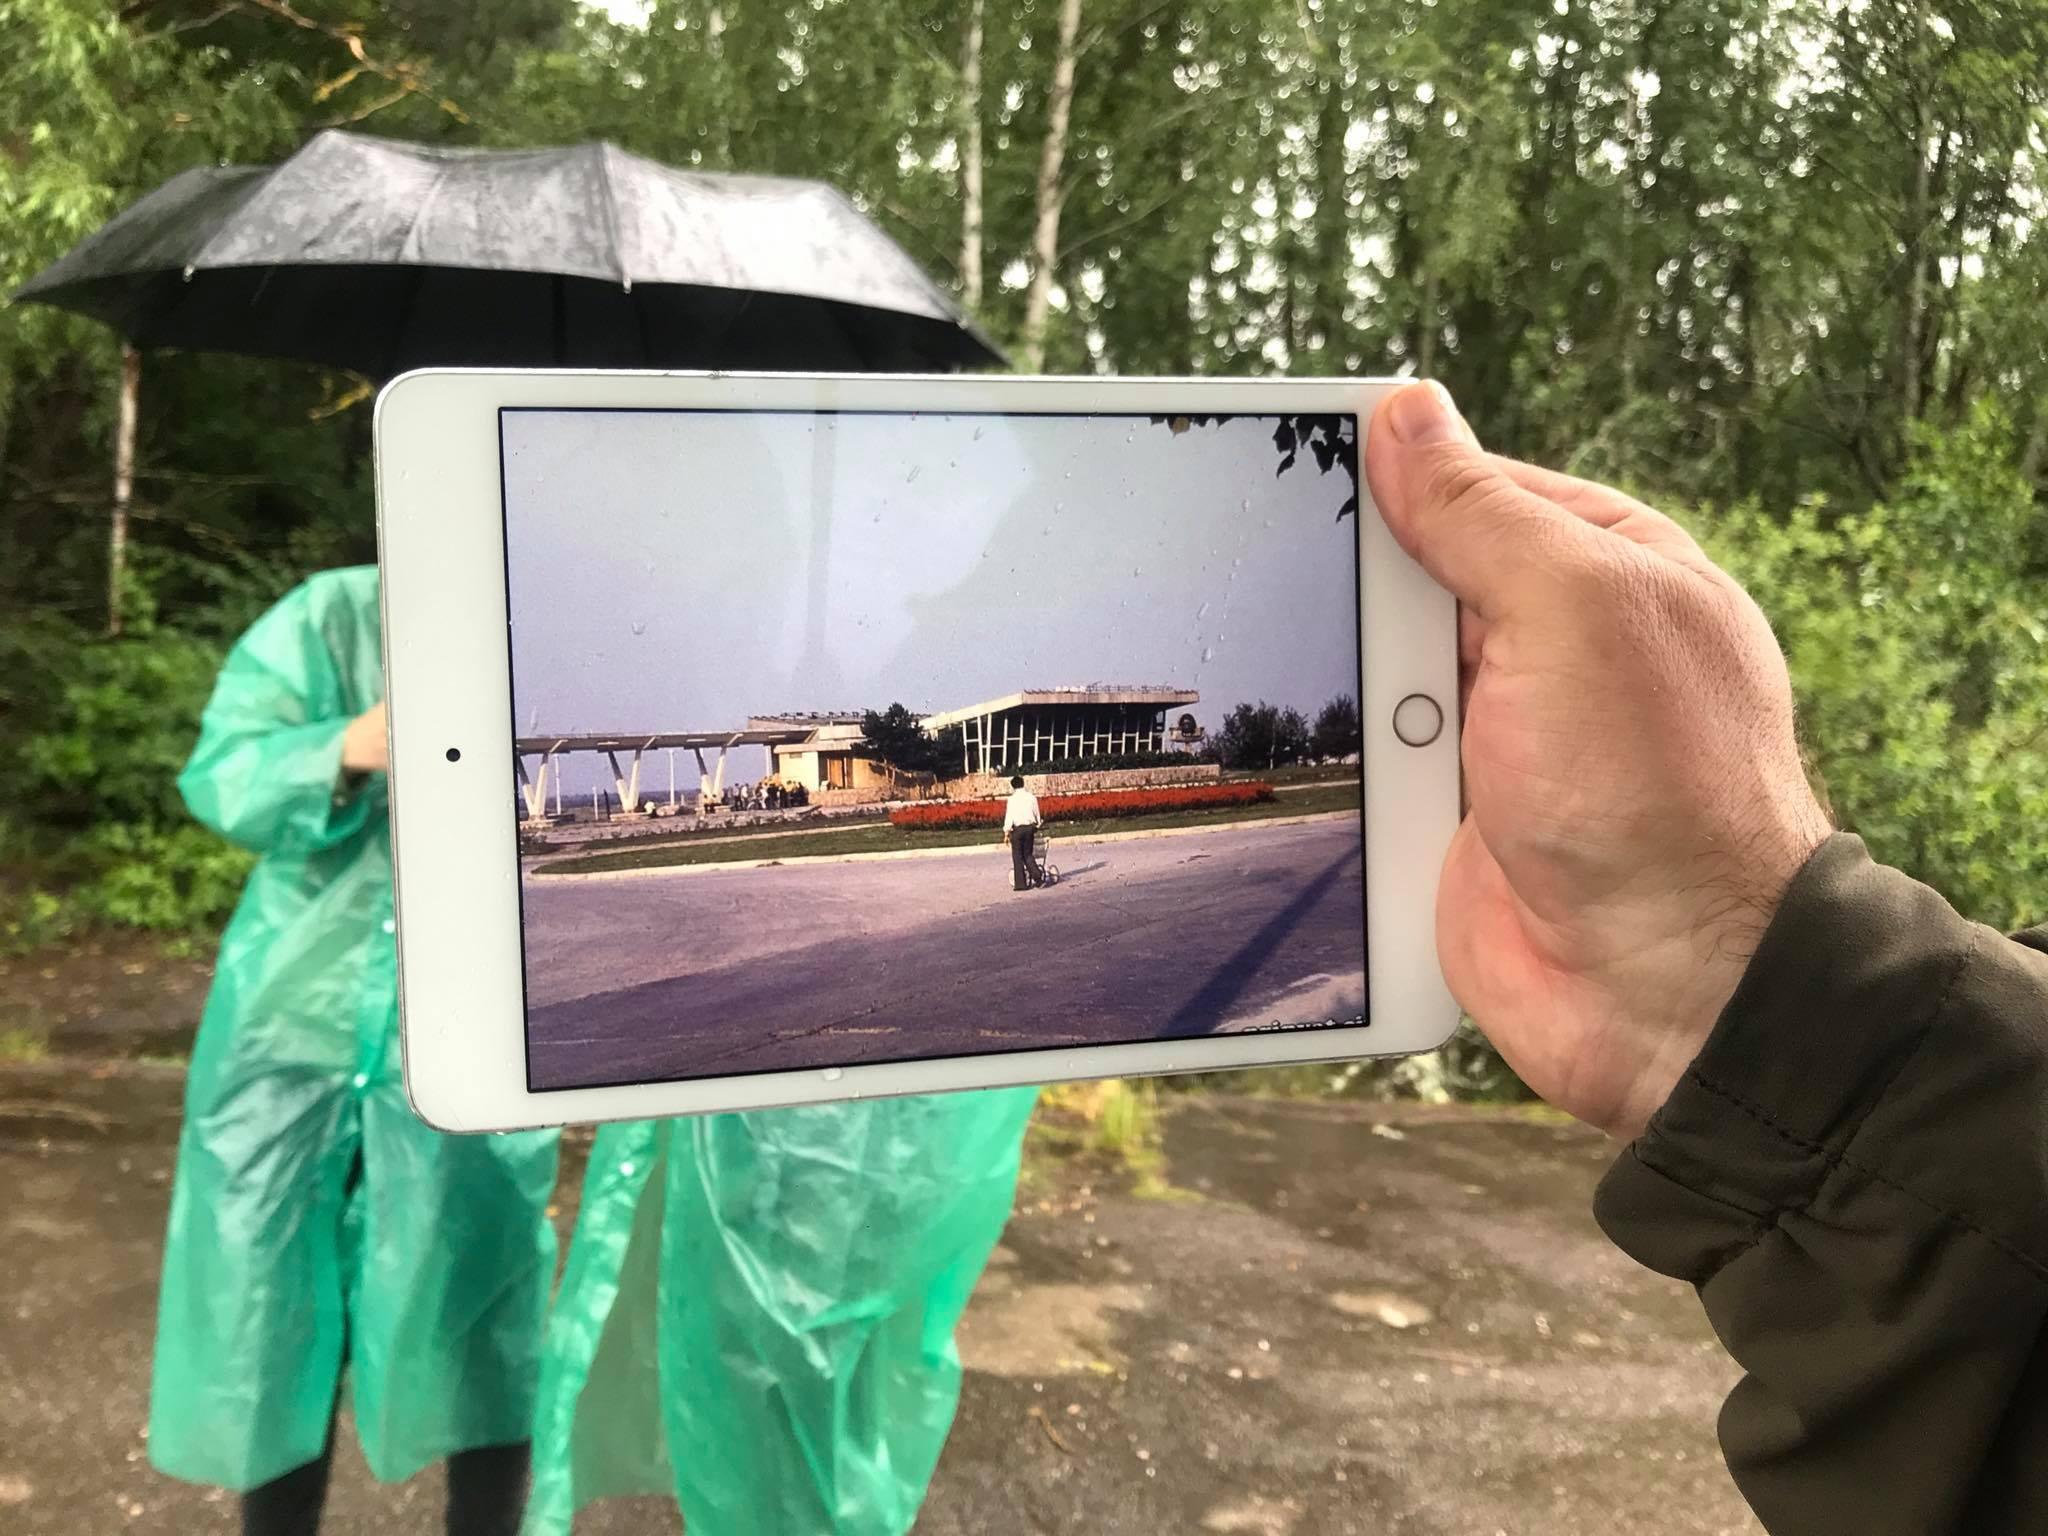 Chernobyl App: первое мобильное приложение Чернобыля представят к 35-й годовщине катастрофы - фото №3